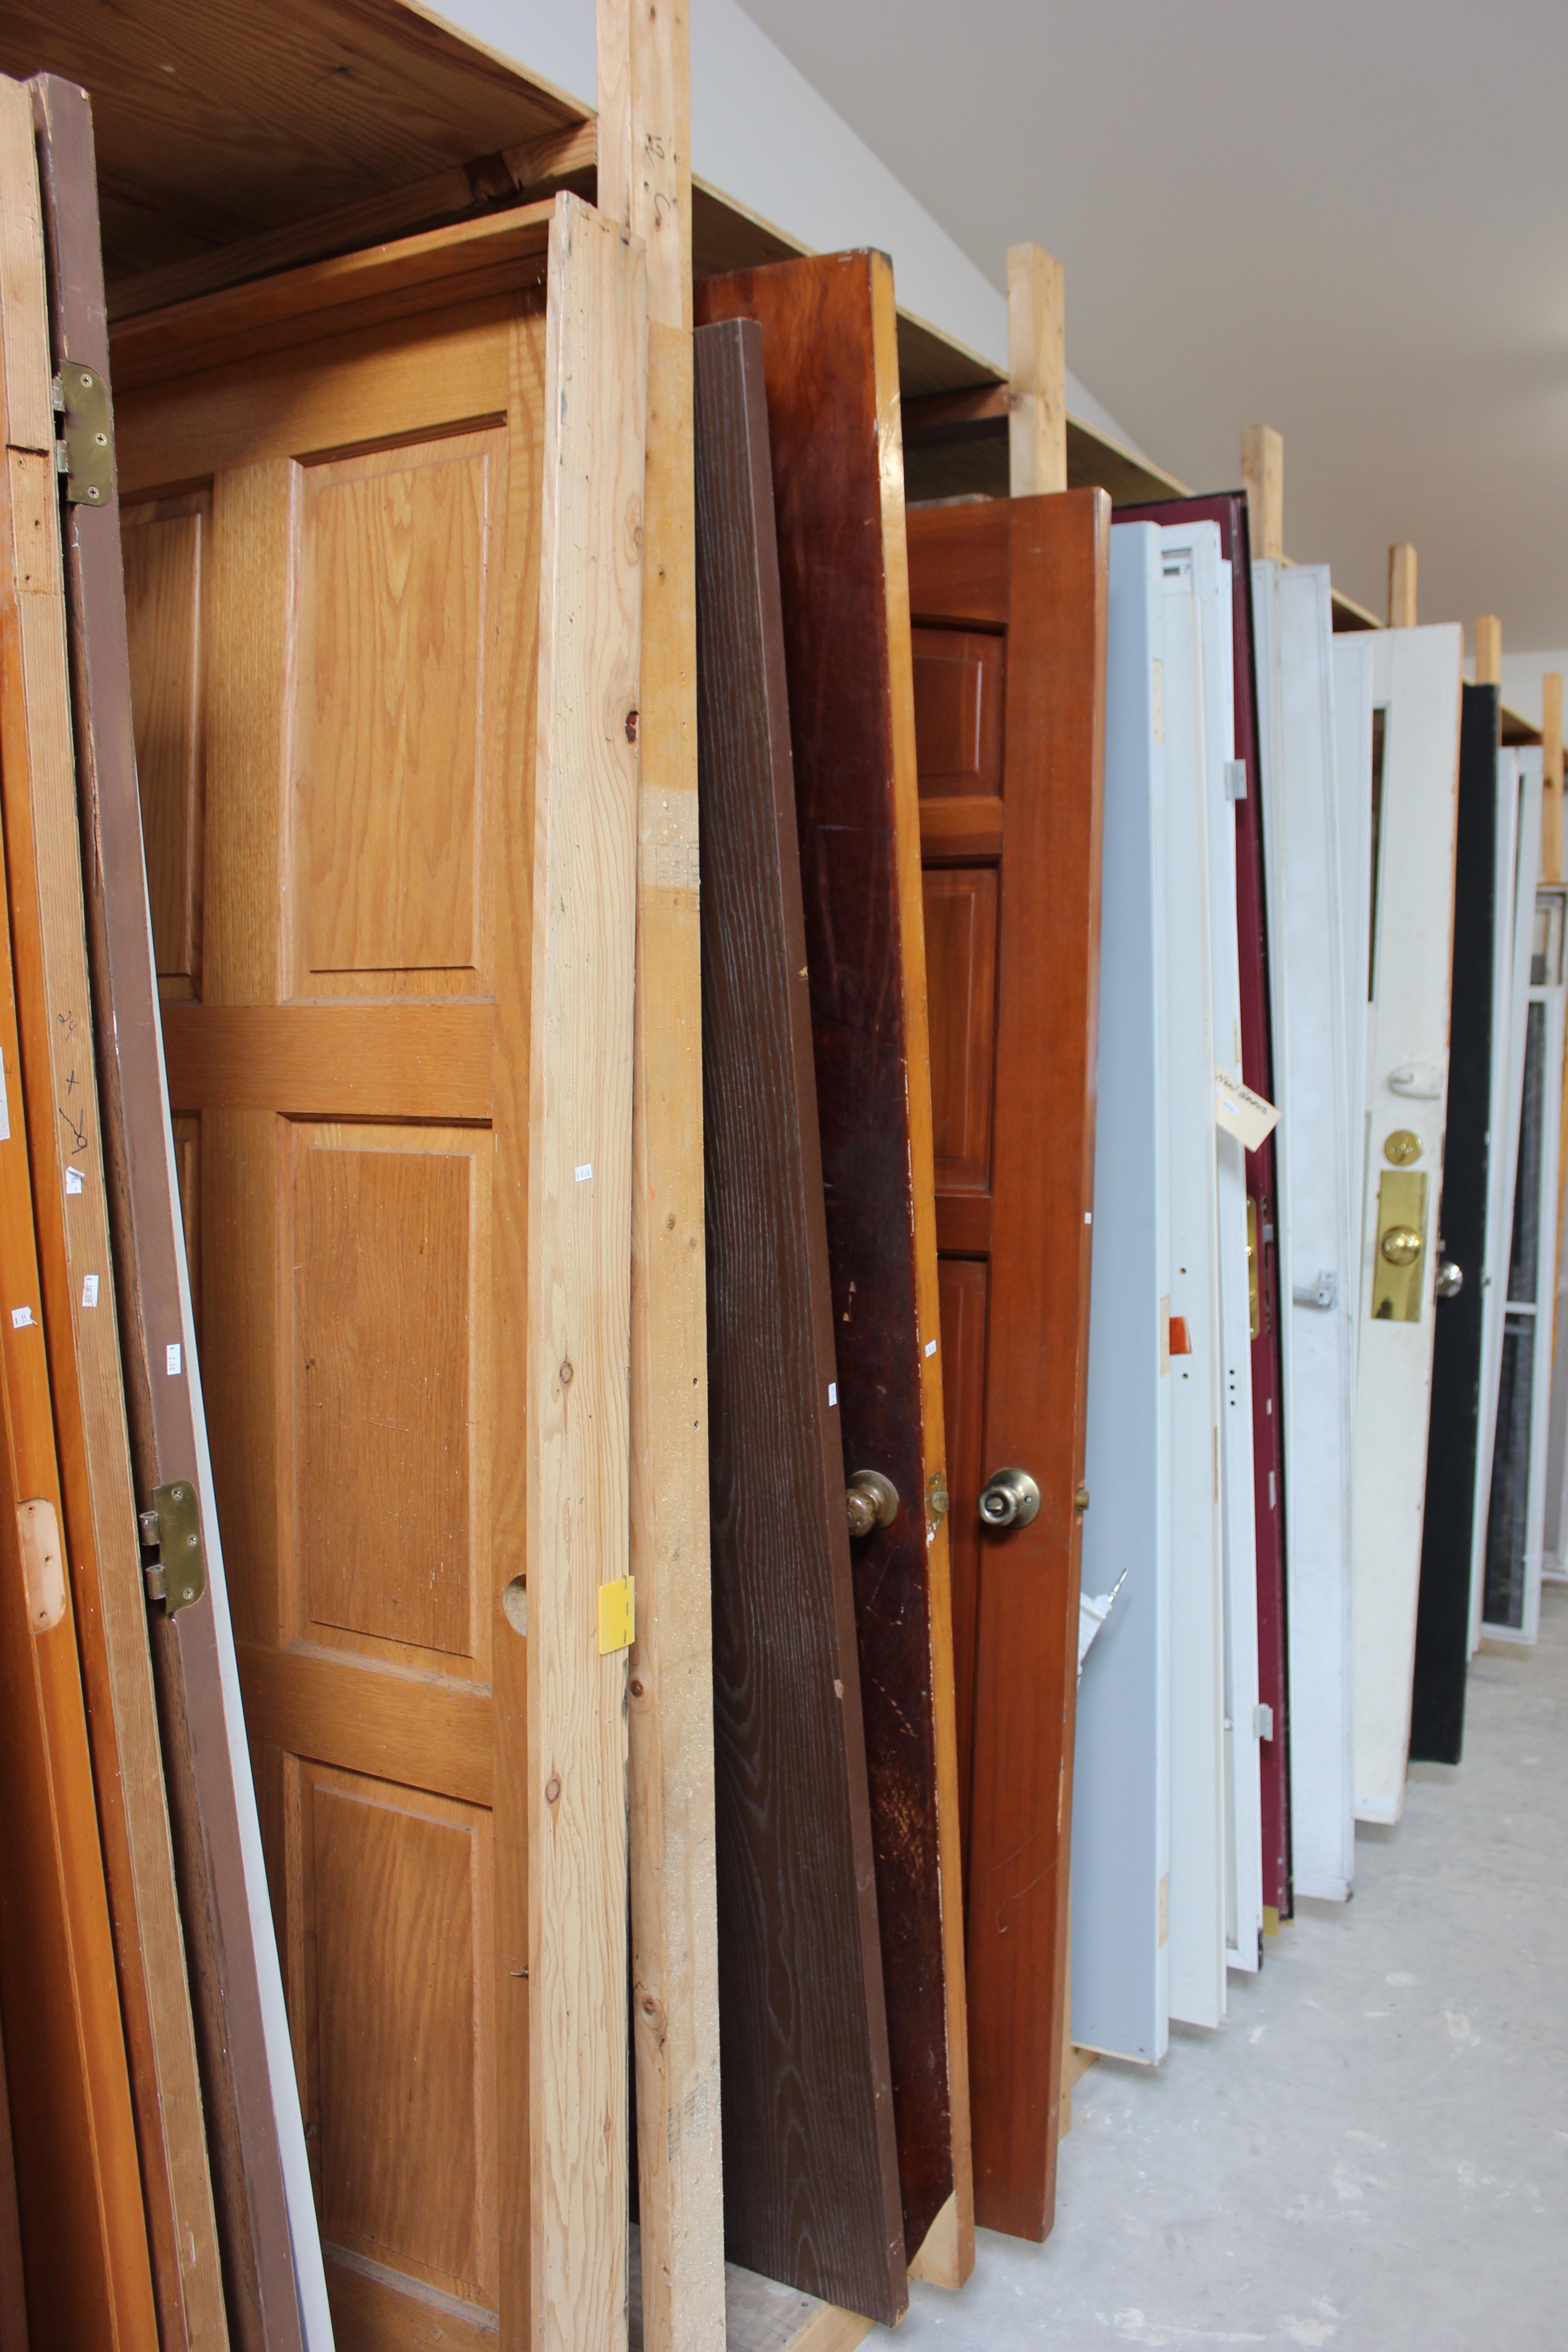 Doors, doors, and more doors